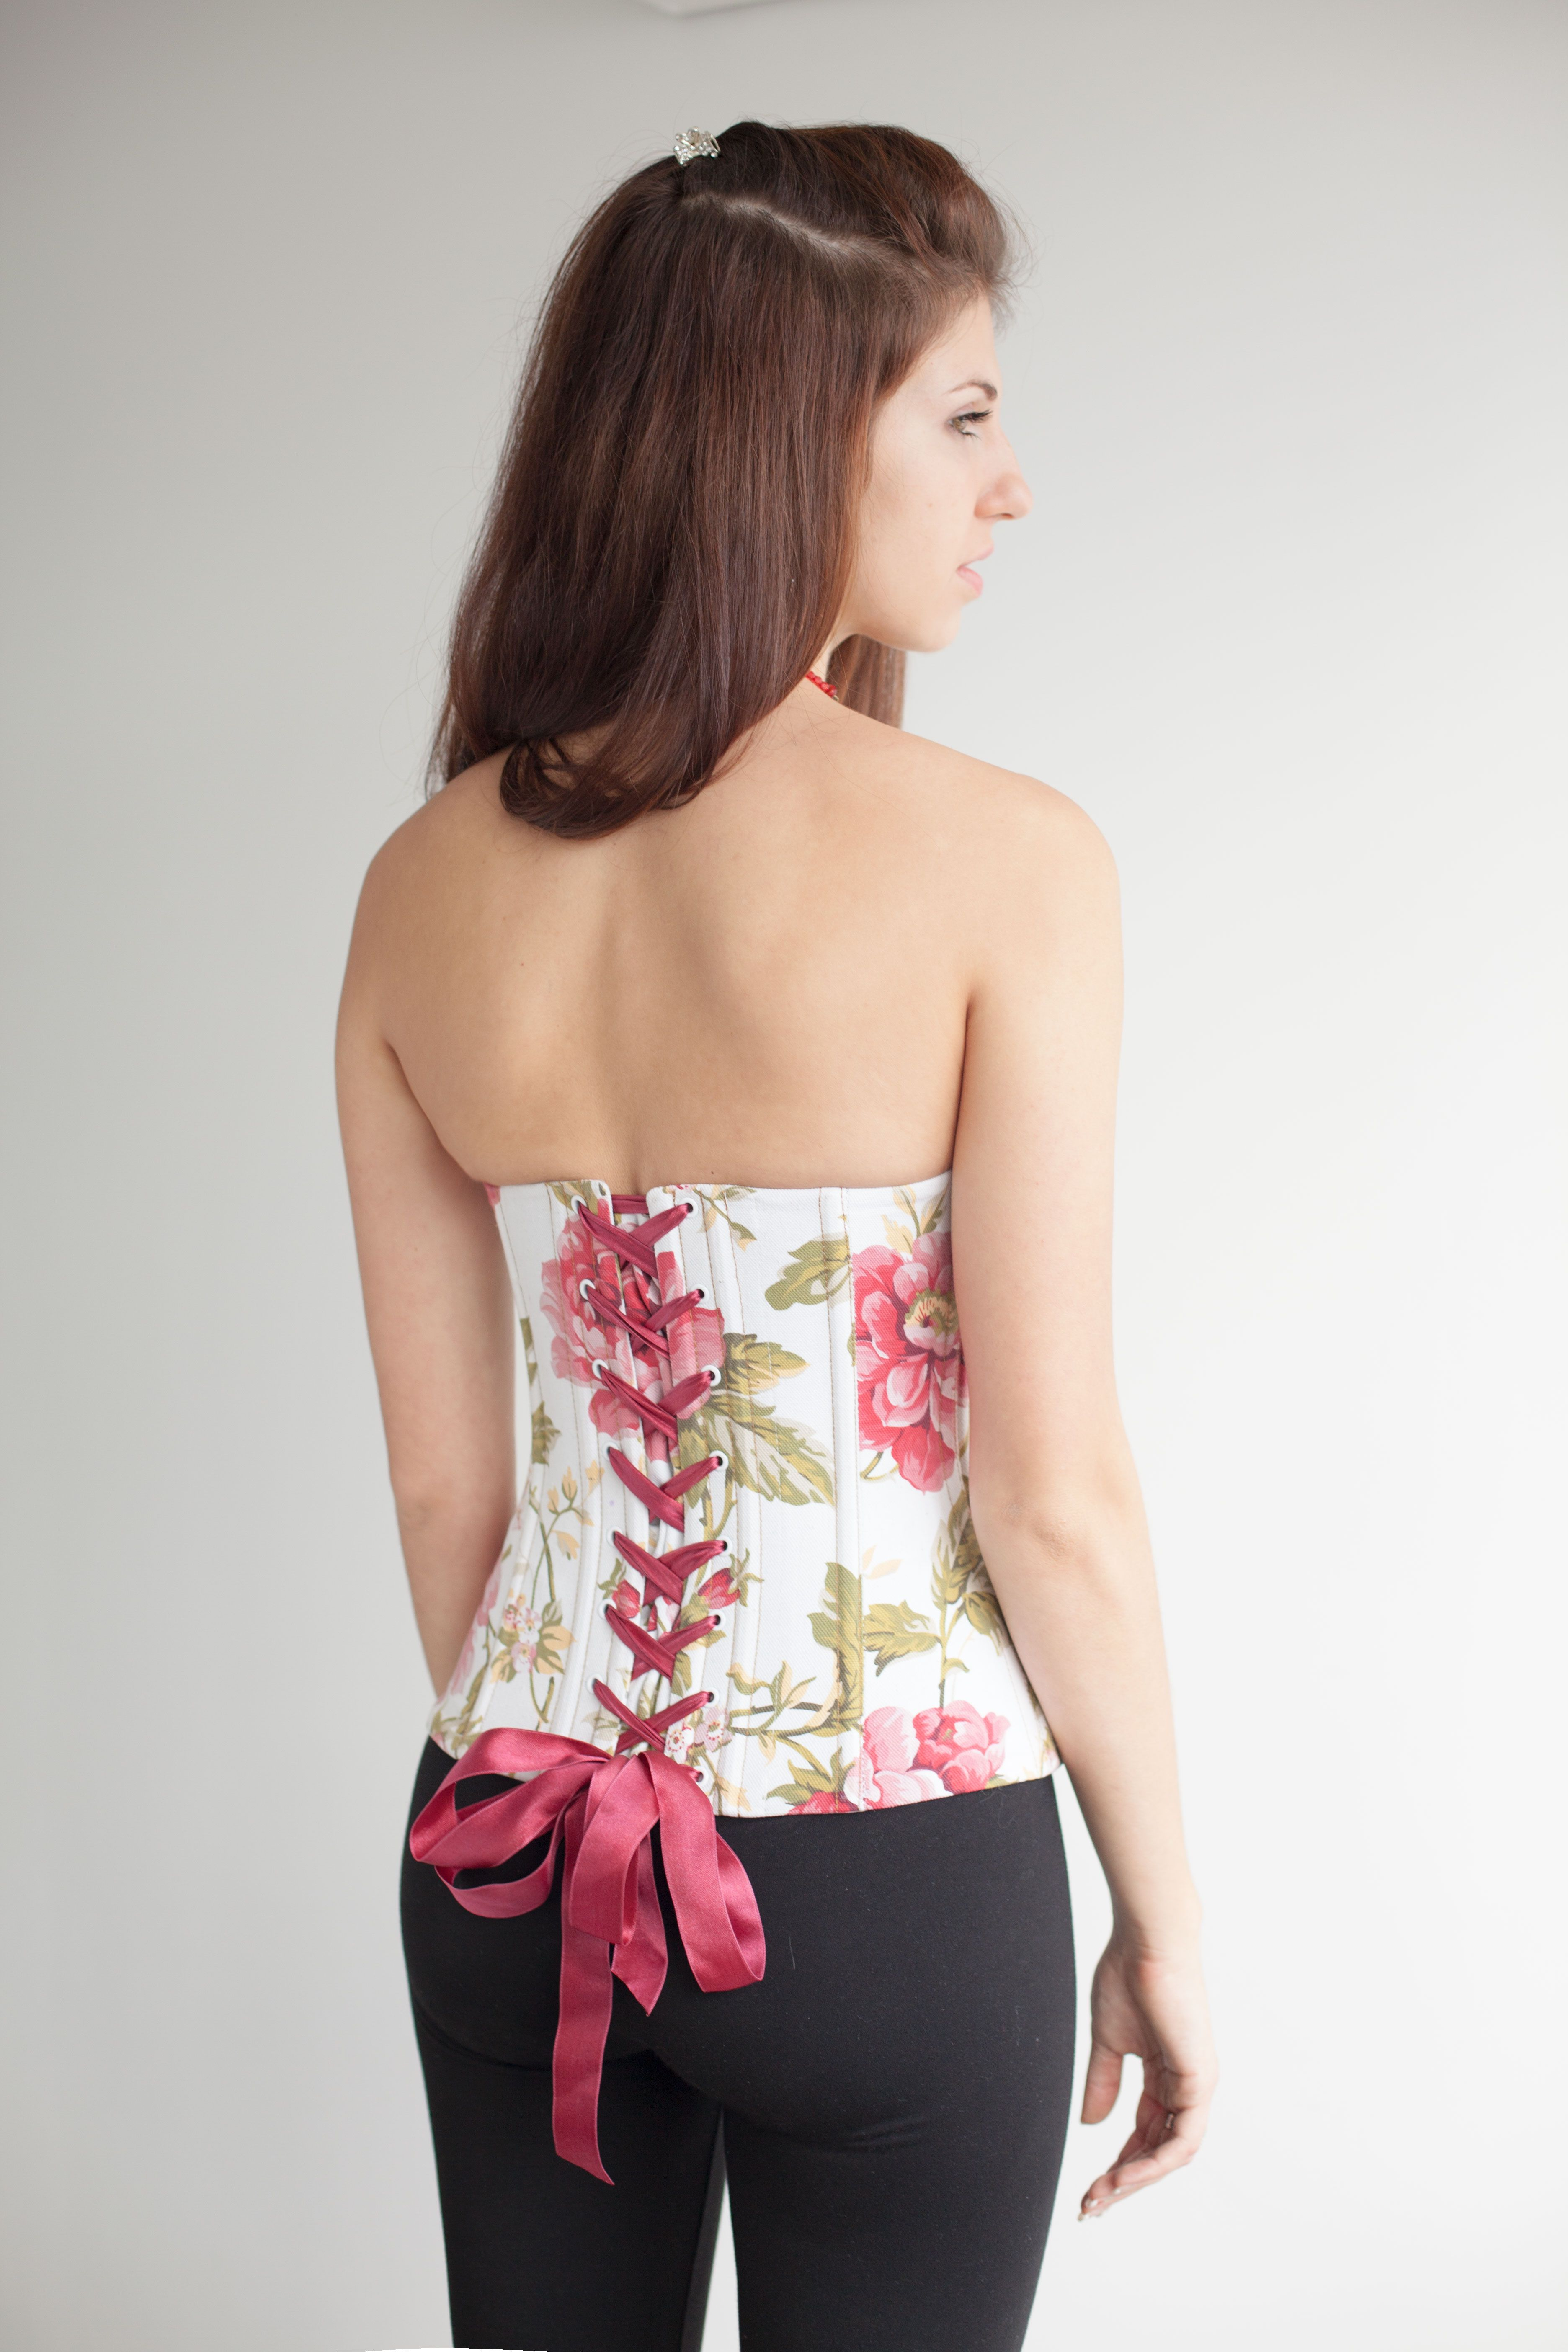 Corset making tutorial and free sewing pattern diy sewing corset making tutorial and free sewing pattern diy jeuxipadfo Gallery